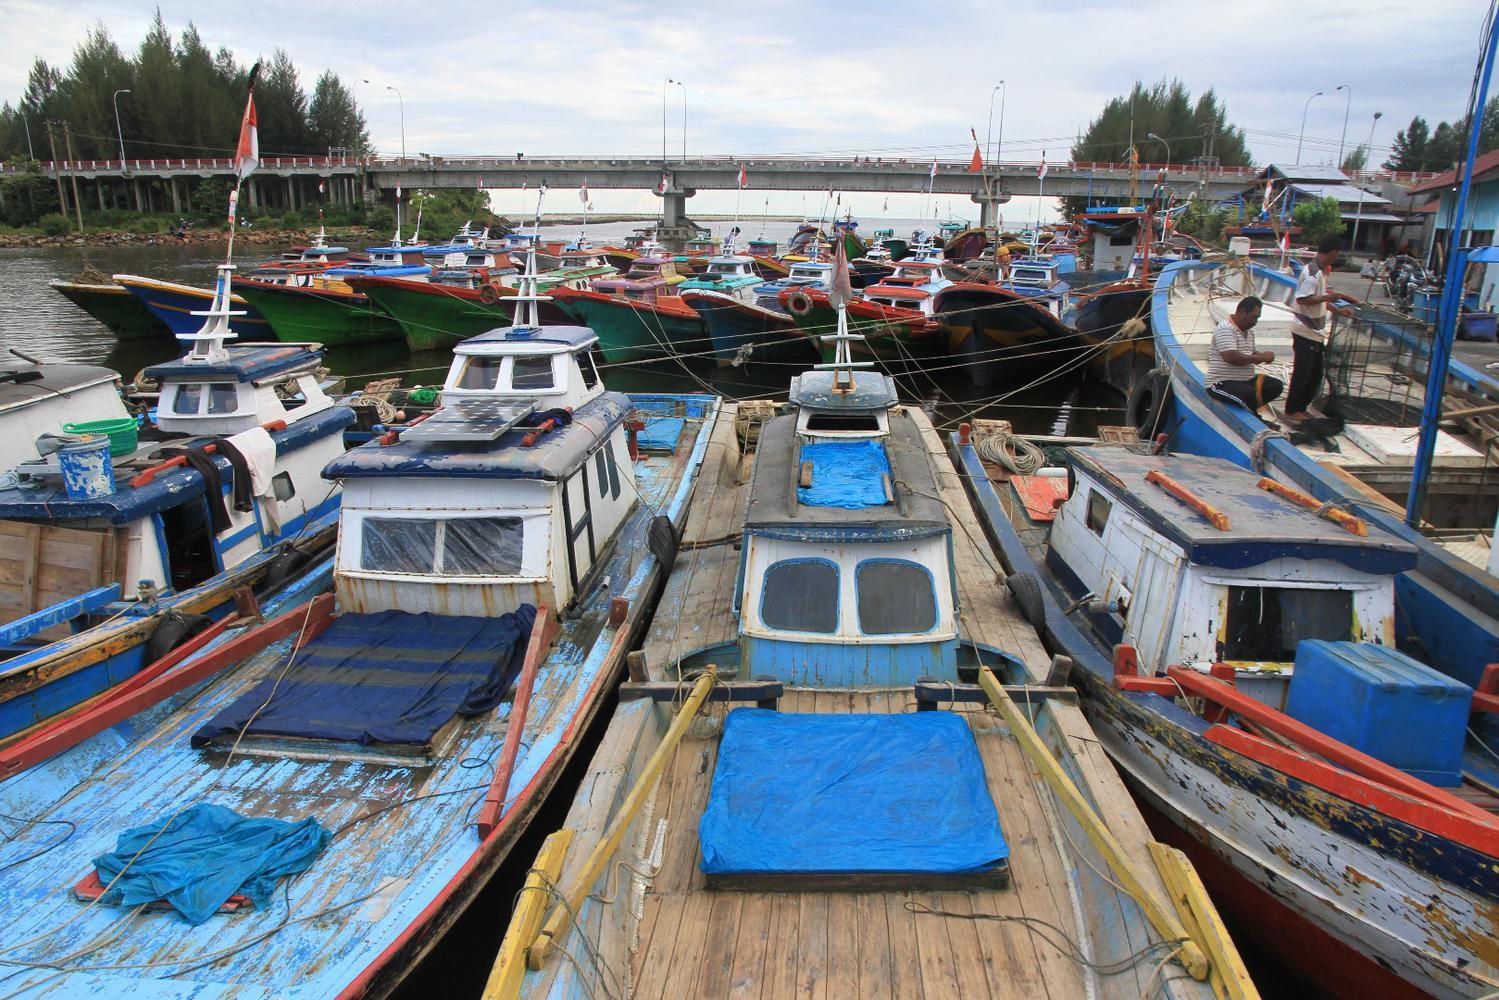 Puluhan kapal nelayan ditambatkan di Pelabuhan Kuala Bubon, Kecamatan Samatiga, Aceh Barat, Aceh, Rabu (25/12/2019). Hukum adat laut Aceh telah menetapkan pantangan dan larangan melaut pada hari peringatan tsunami 26 Desember untuk mengenang dan memperingati peristiwa tsunami di Aceh.